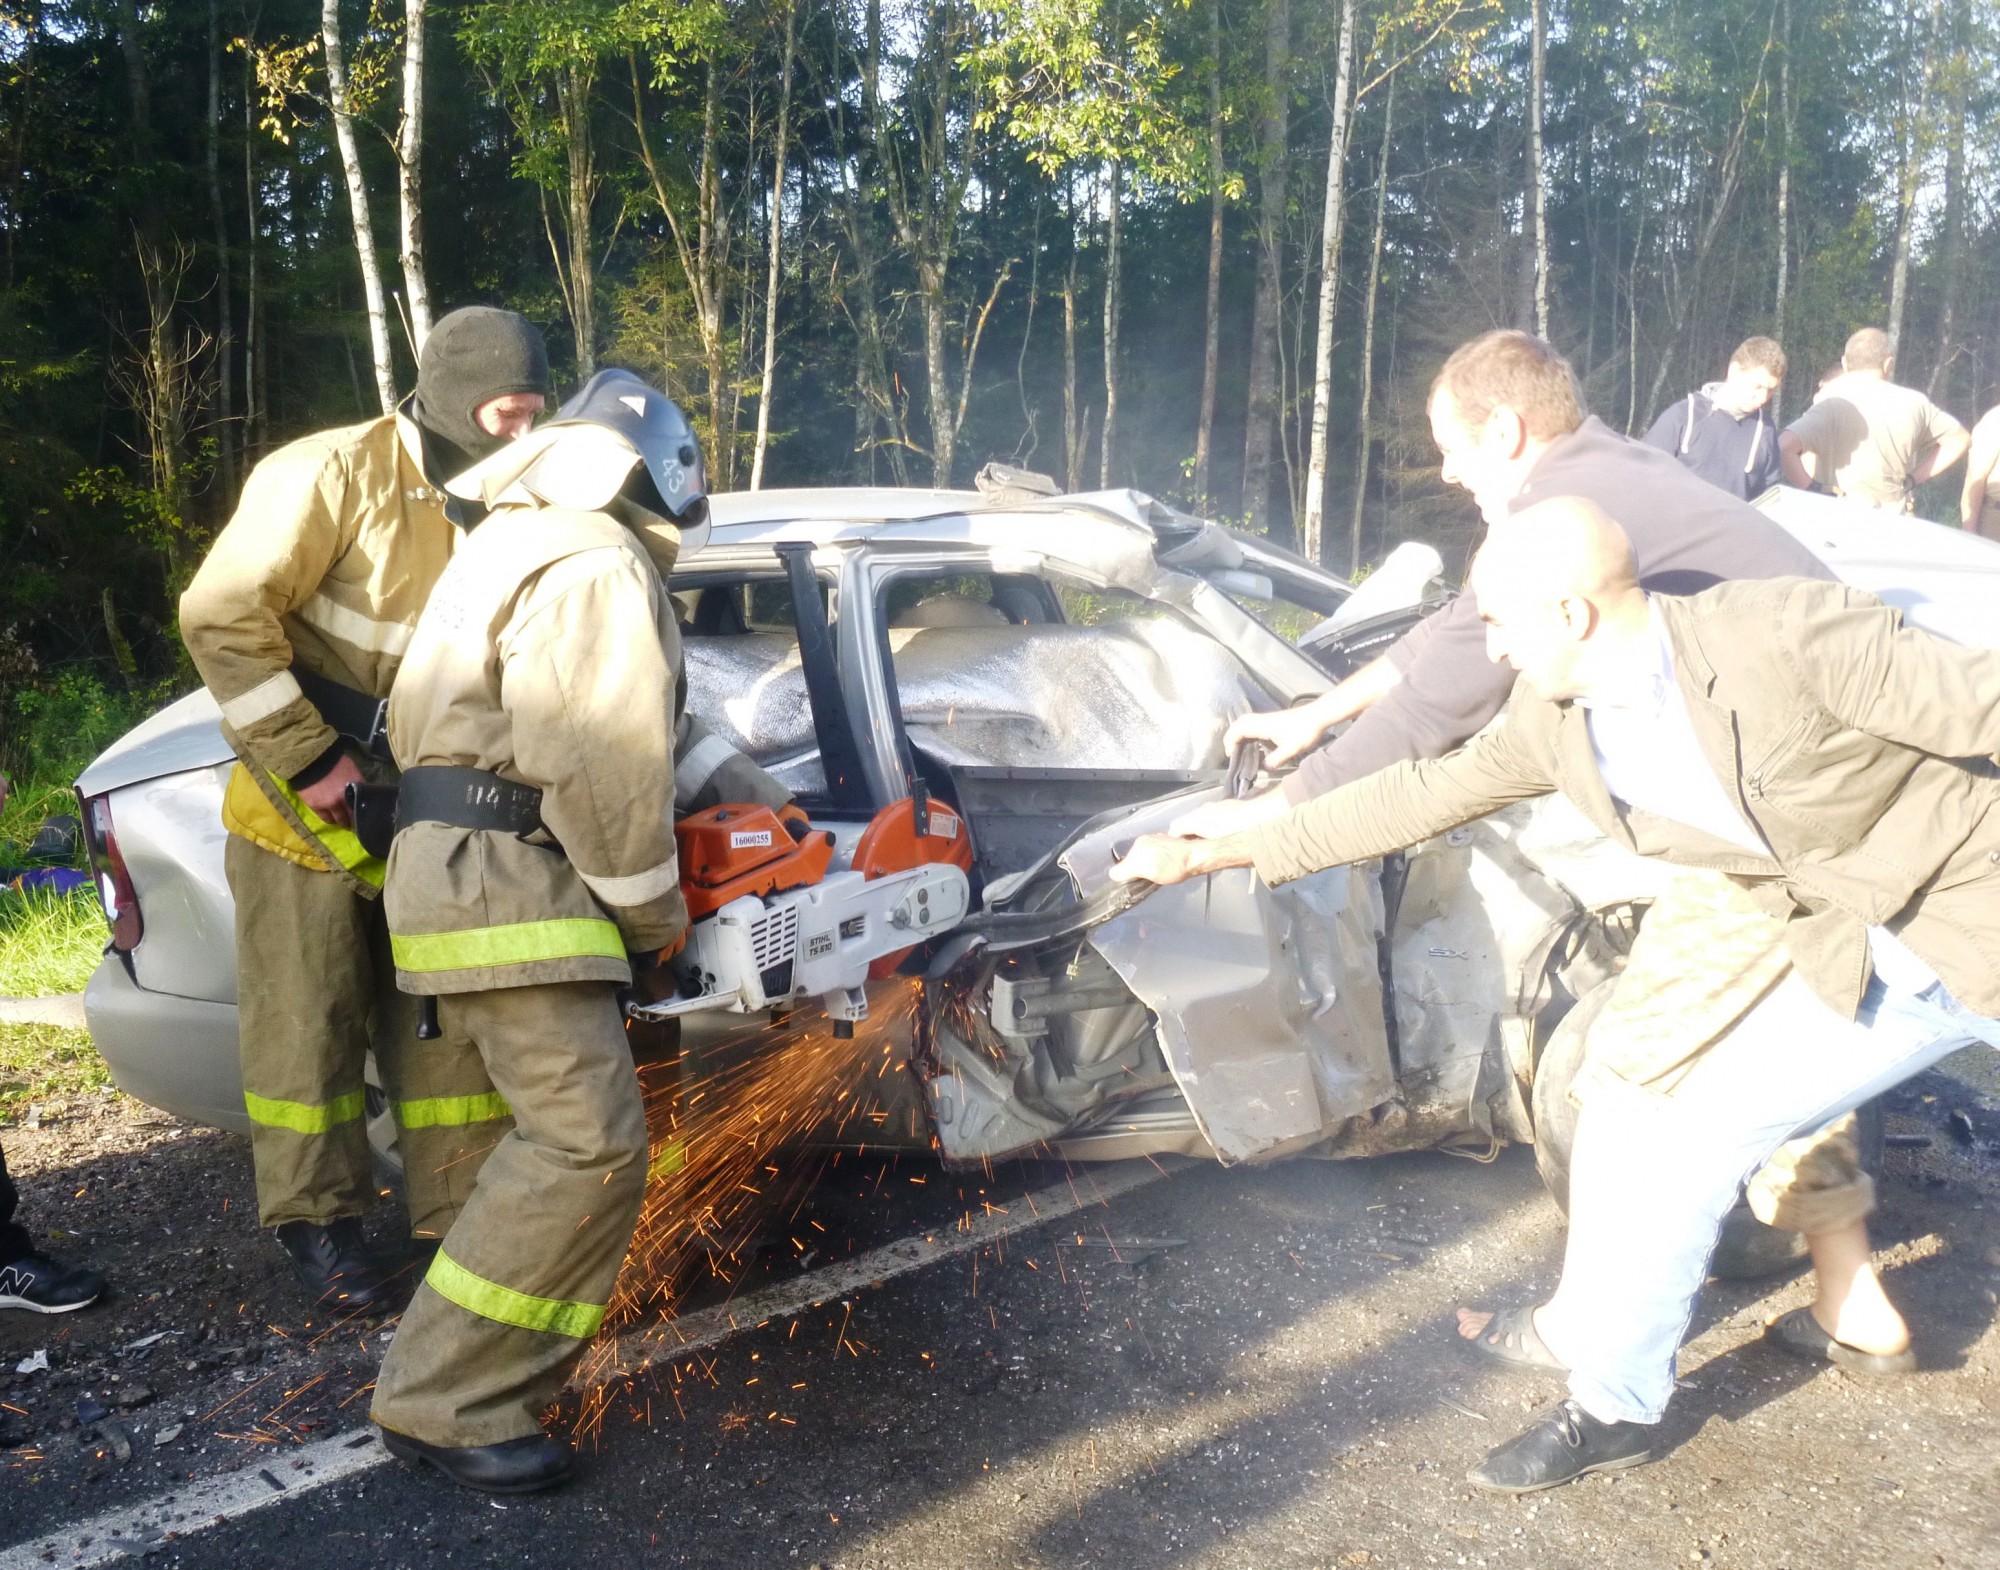 Нафедеральной автотрассе М-9 «Балтия» вТверской области случилось серьезное ДТП